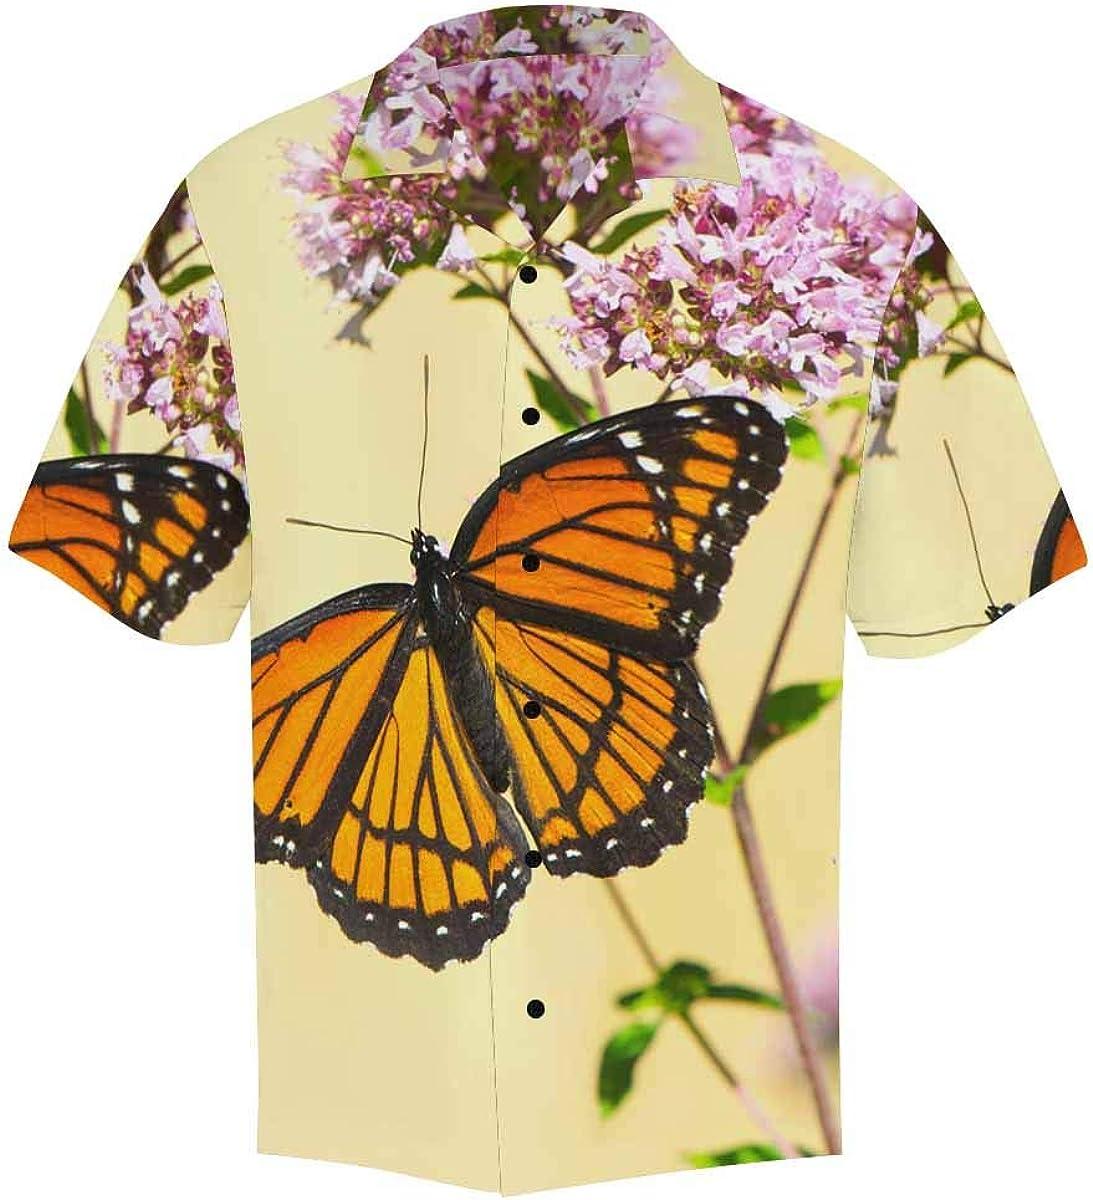 InterestPrint Men's Casual Button Down Short Sleeve Hawaiian Shirt Navy Butterfly (S-5XL)